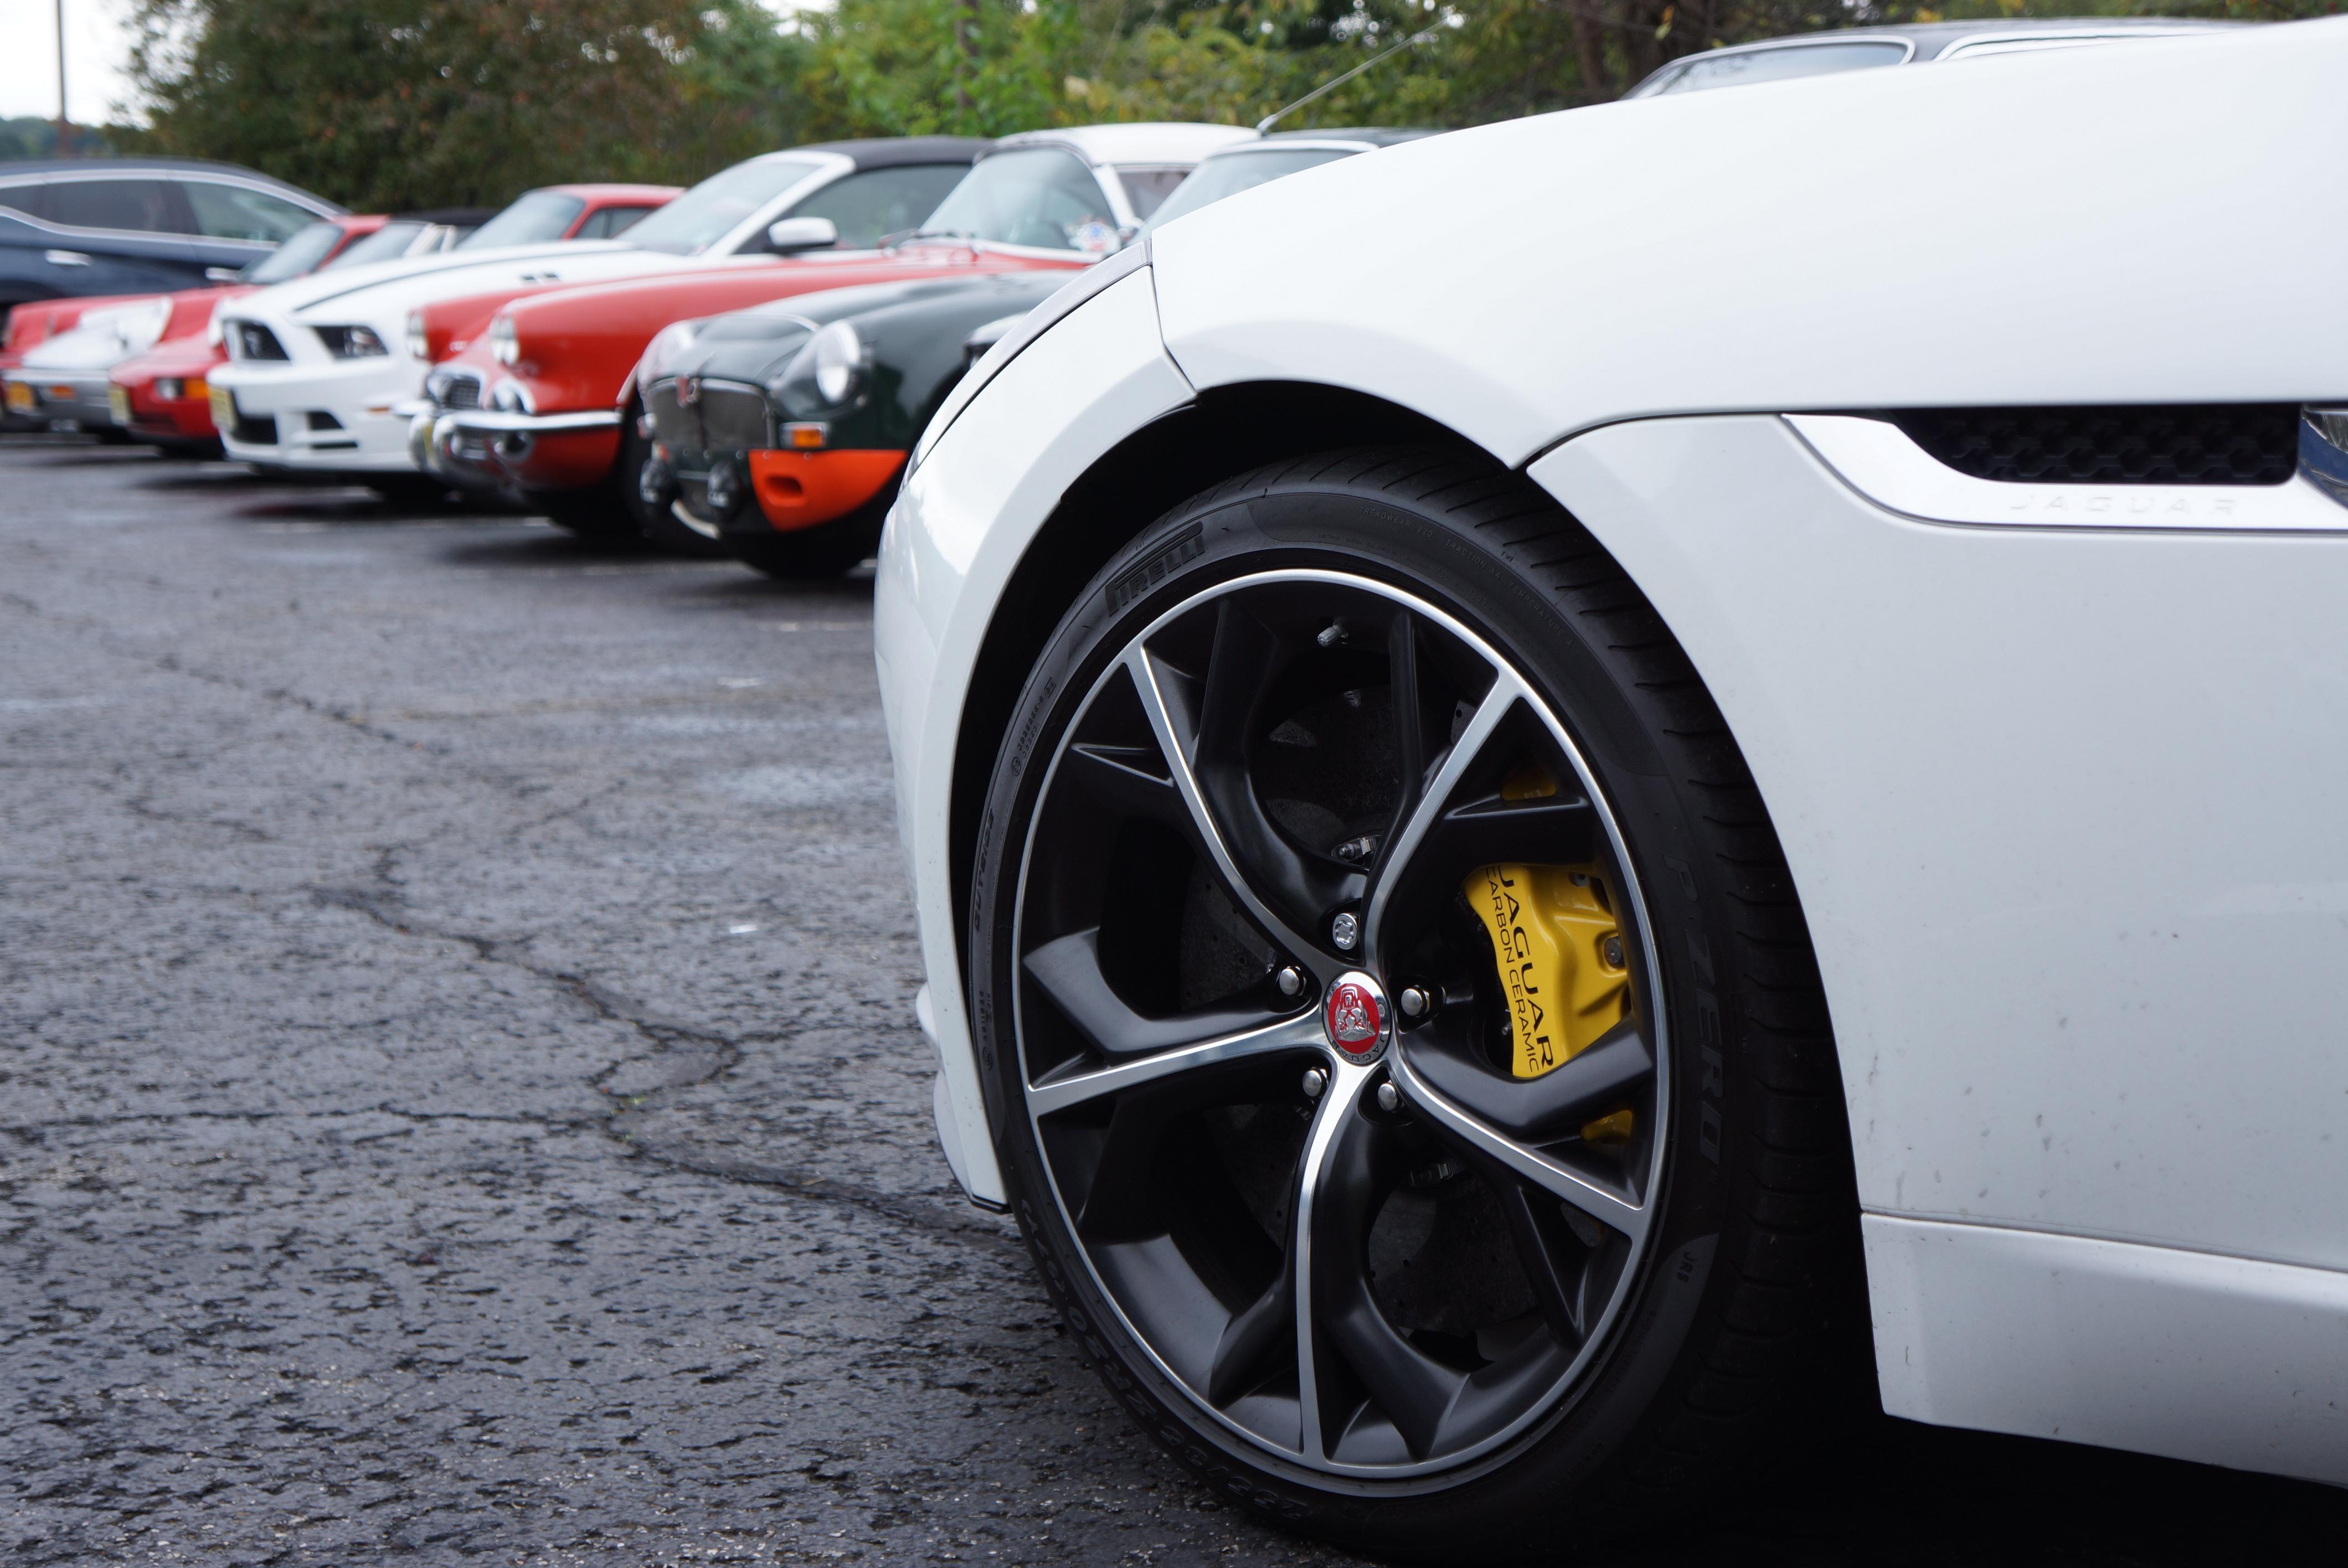 As does Richard's Jaguar F-Type